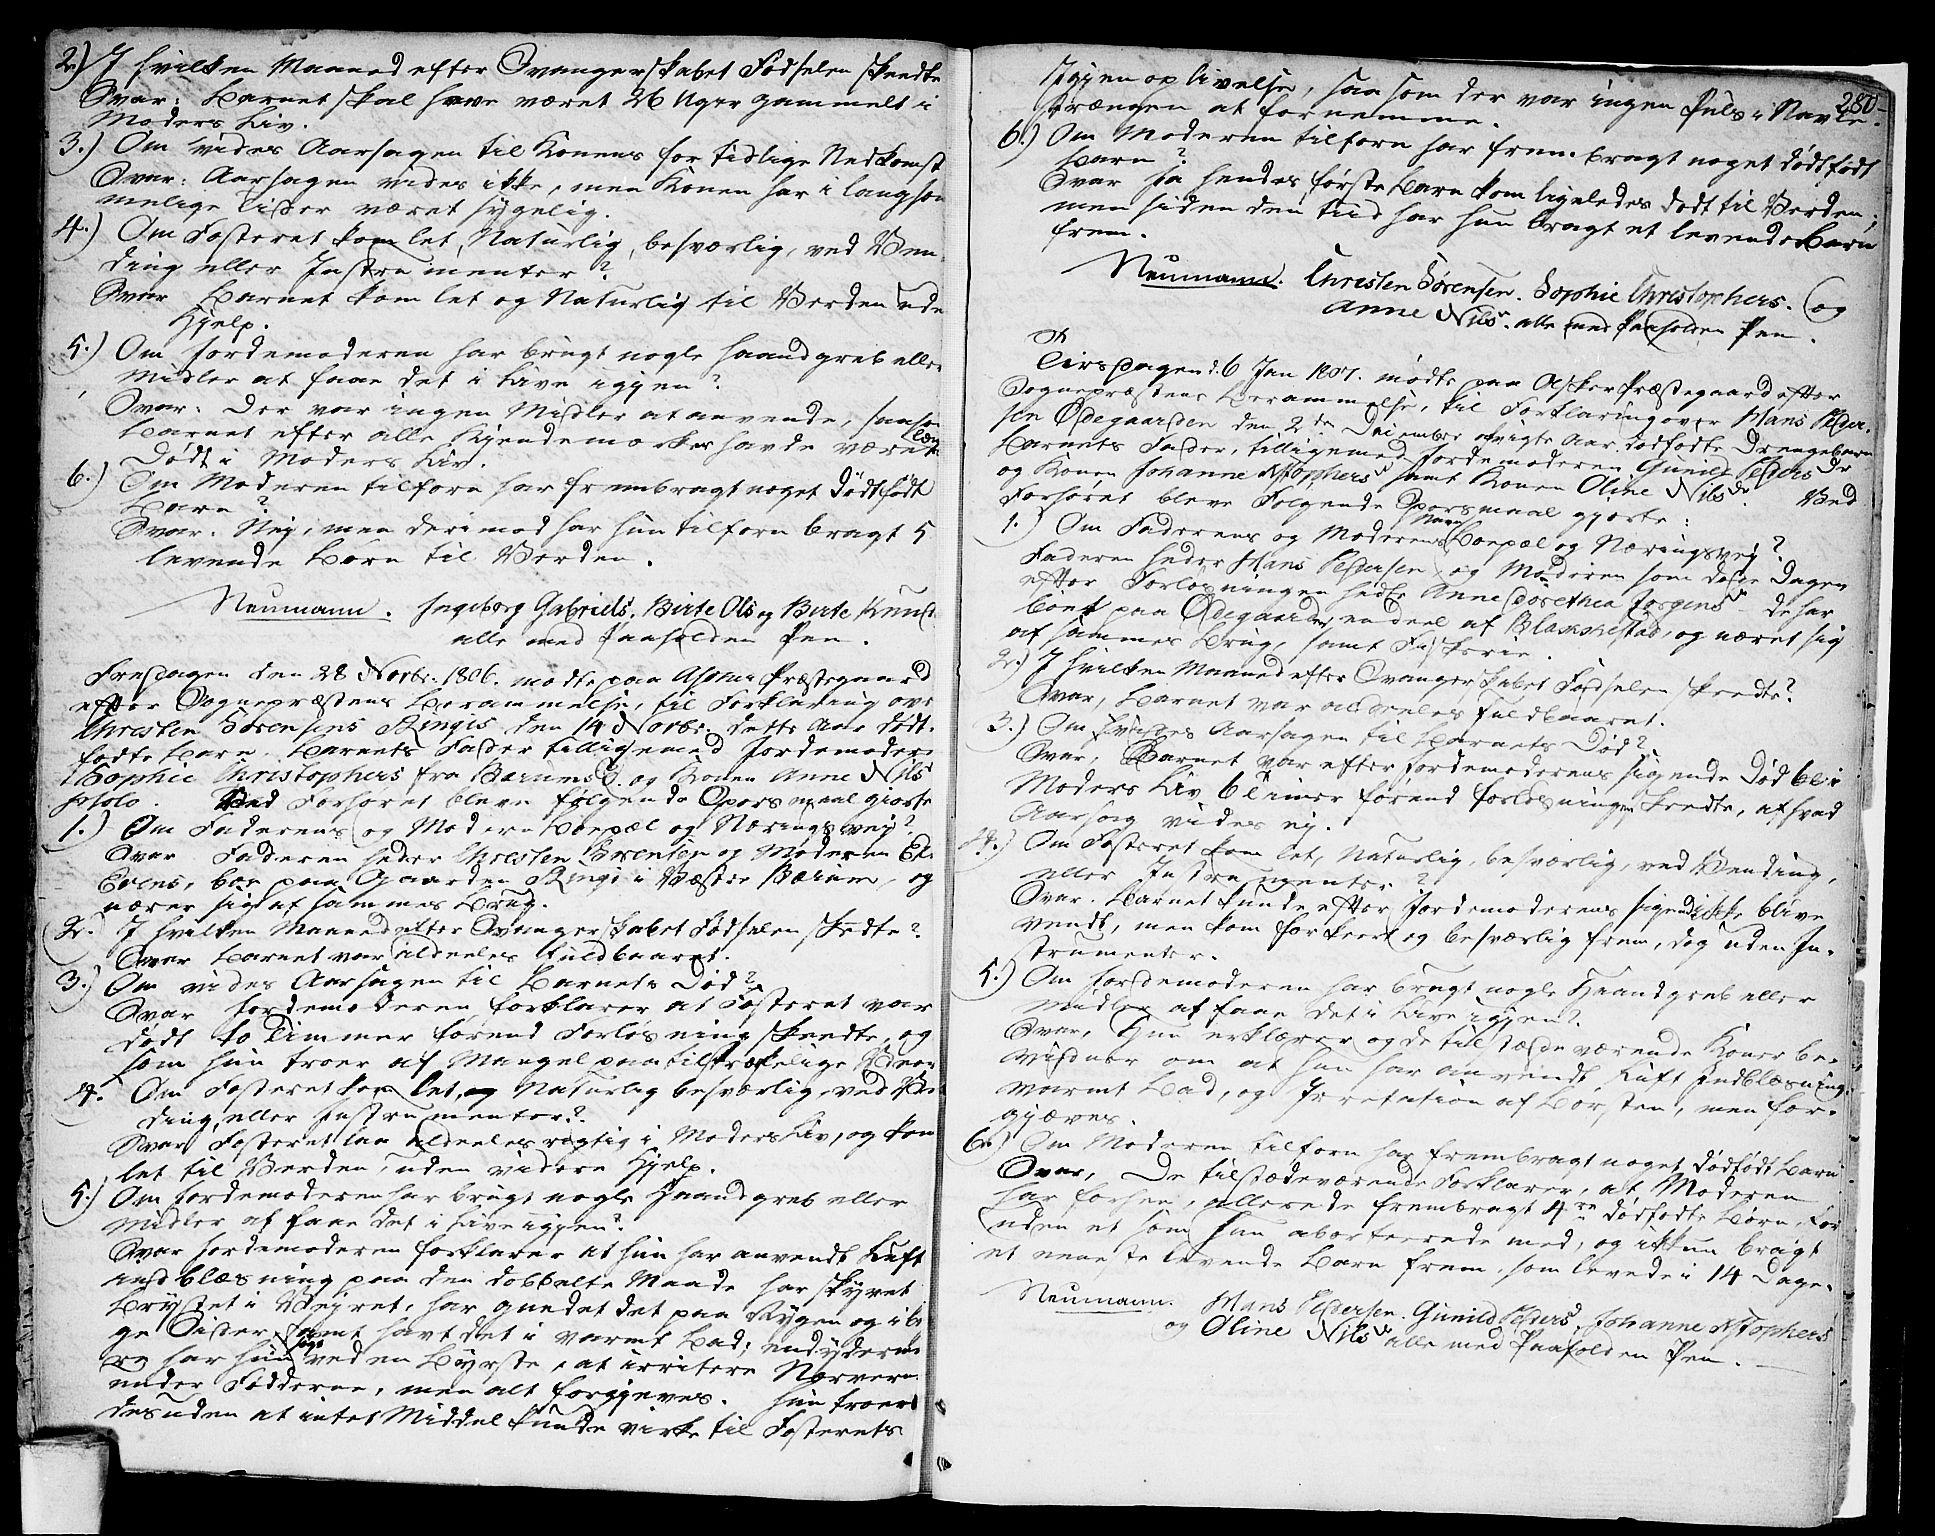 SAO, Asker prestekontor Kirkebøker, F/Fa/L0003: Ministerialbok nr. I 3, 1767-1807, s. 280